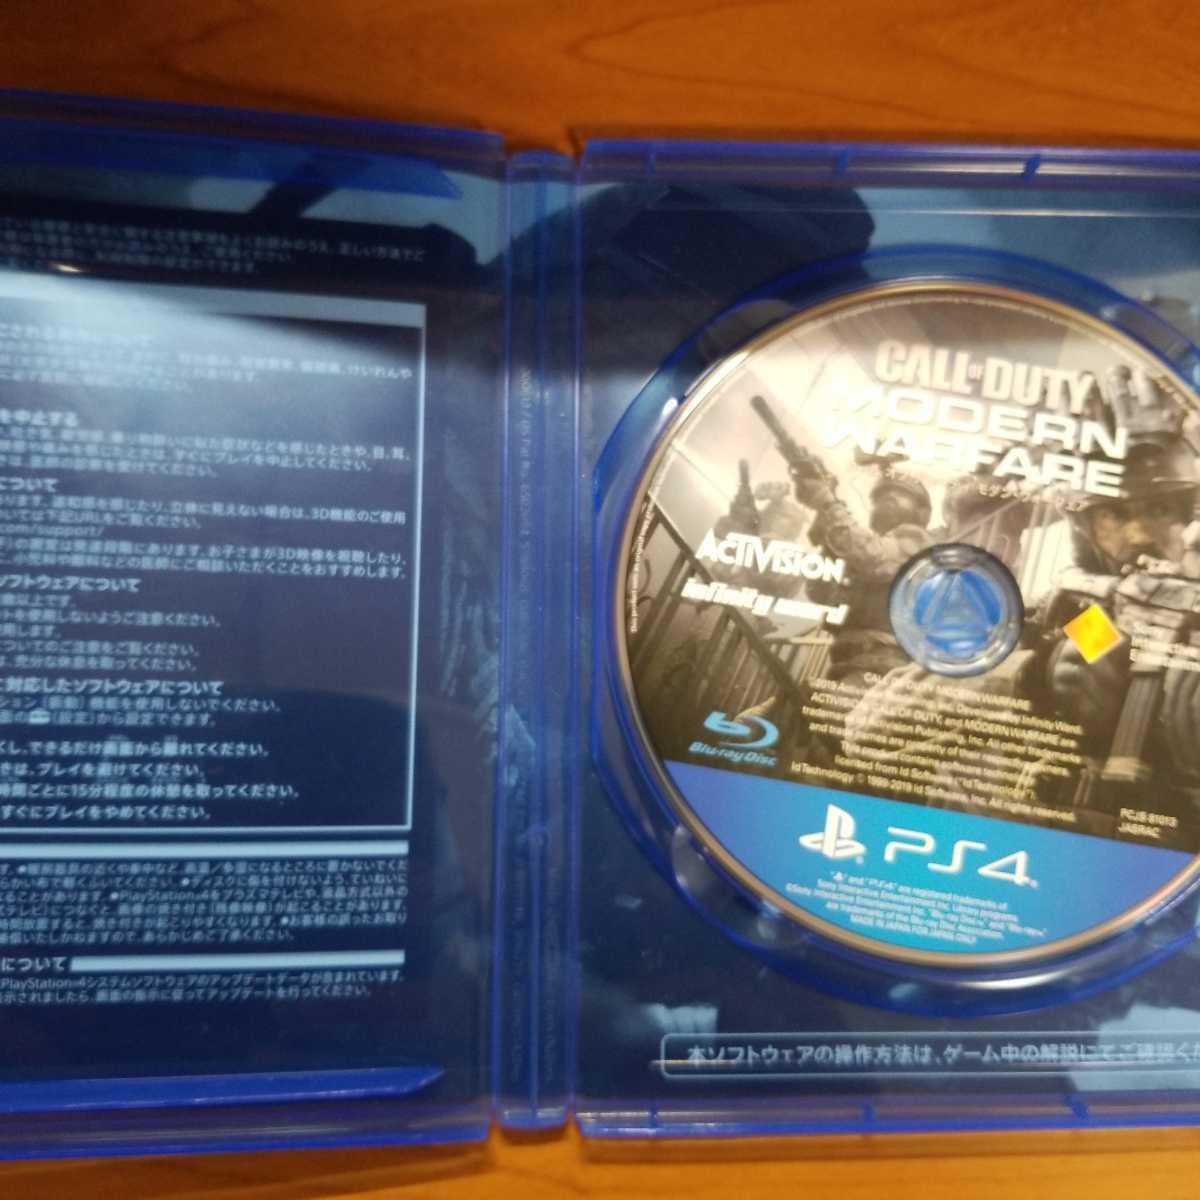 コールオブデューティ モダン・ウォーフェア PS4 COD MW